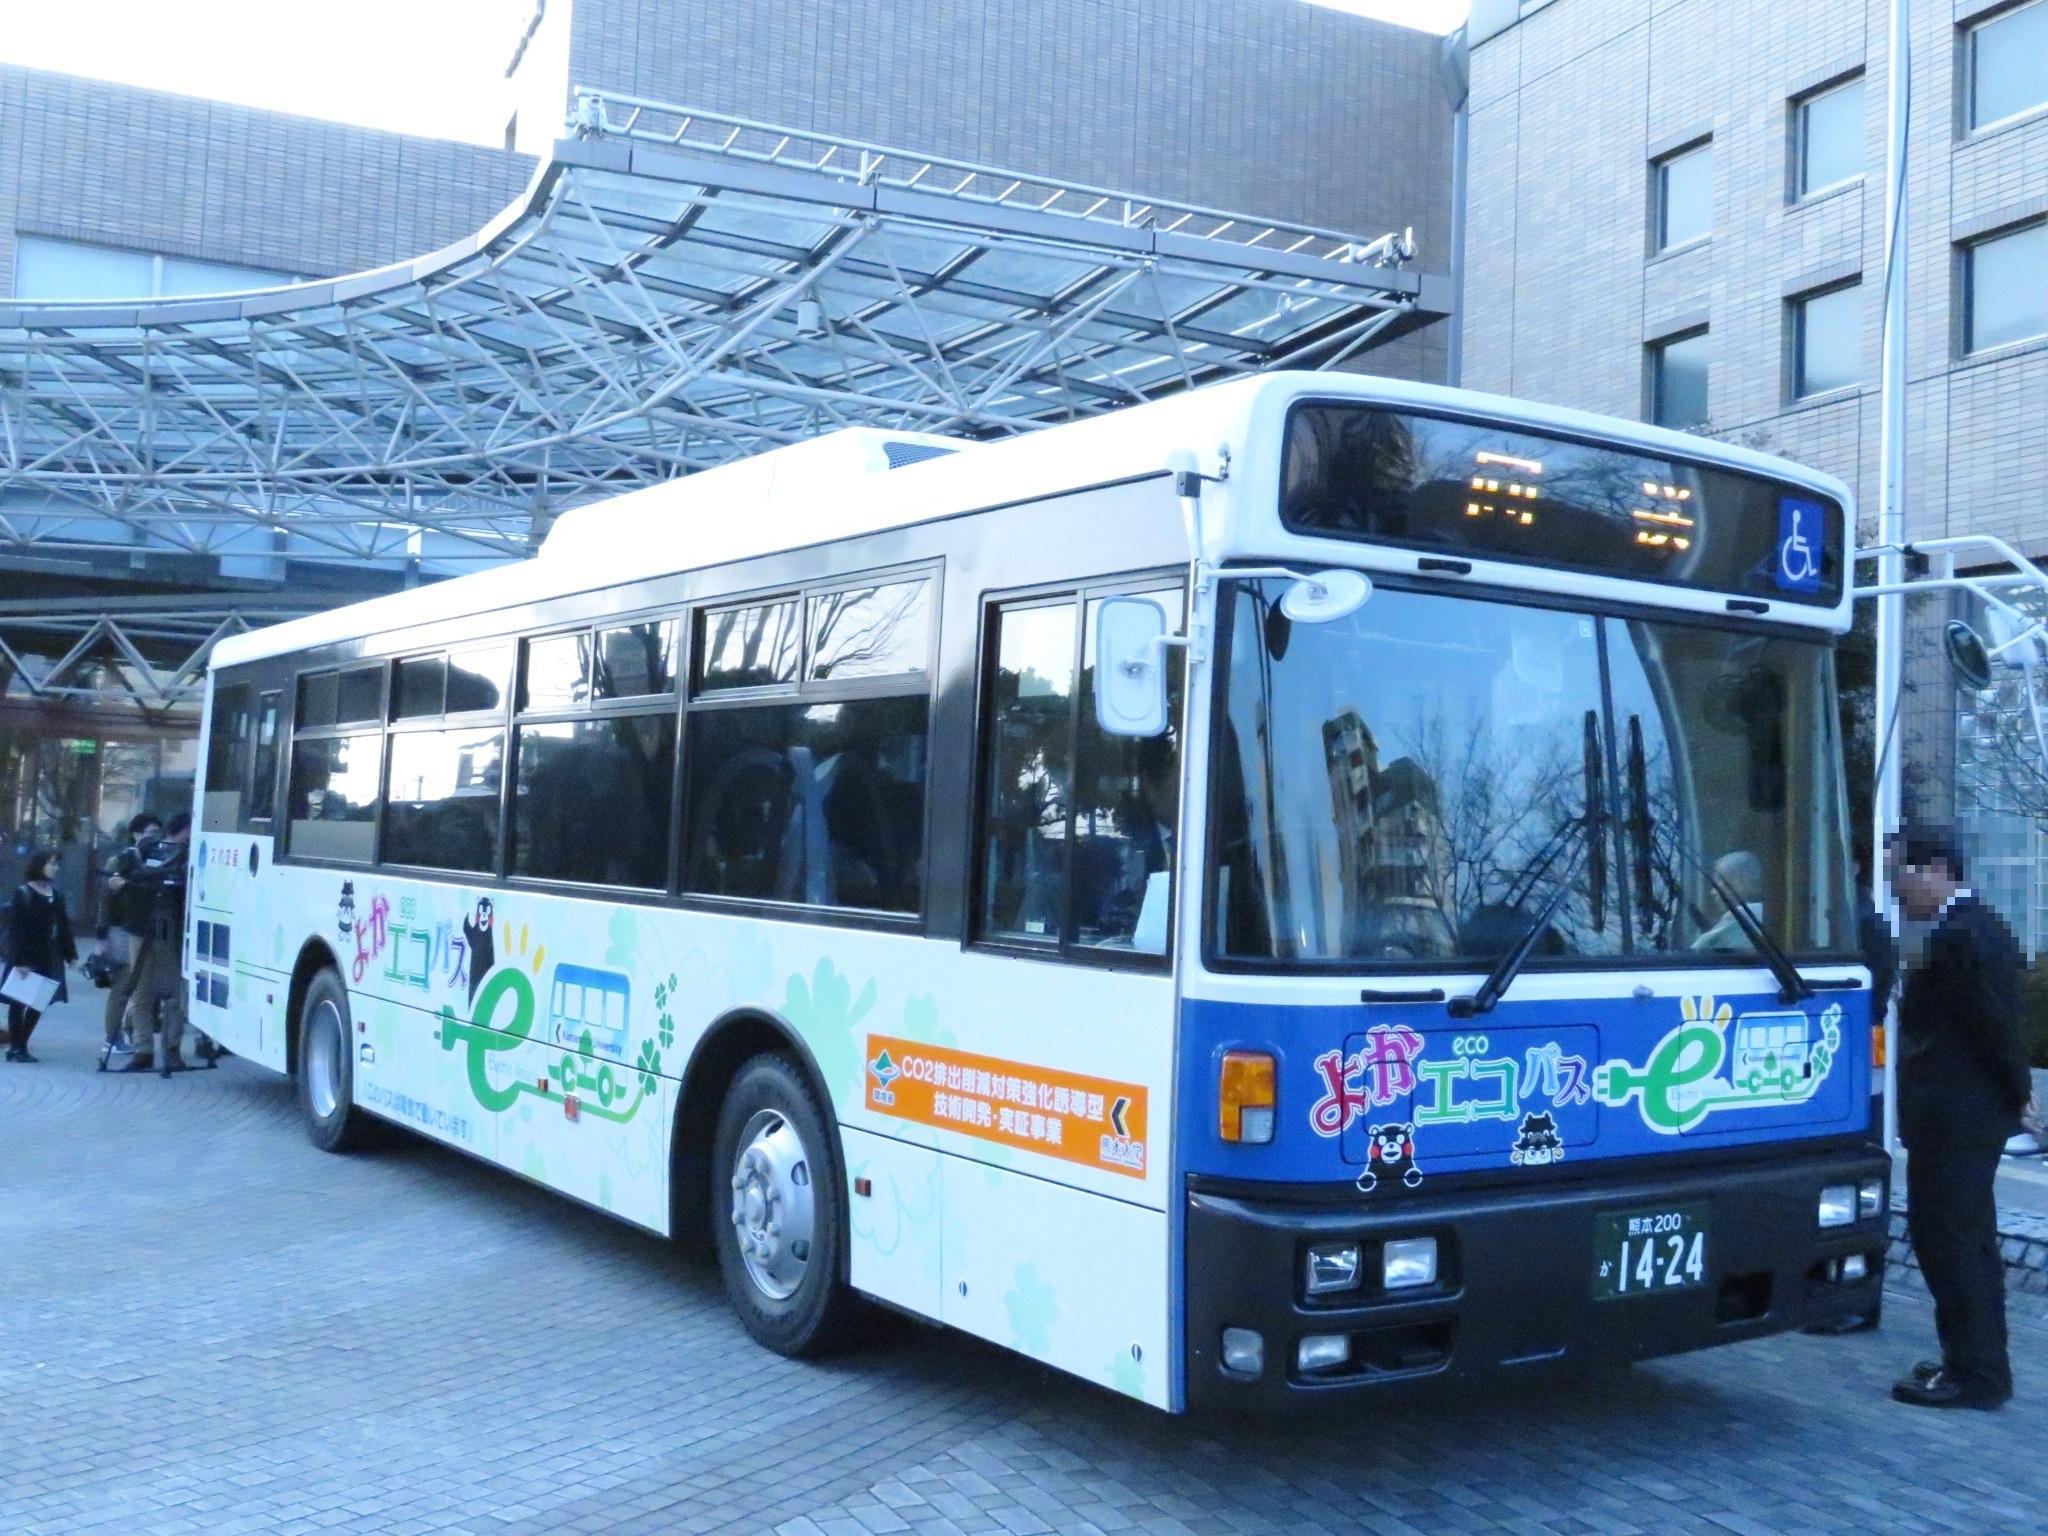 熊本バス.jpg